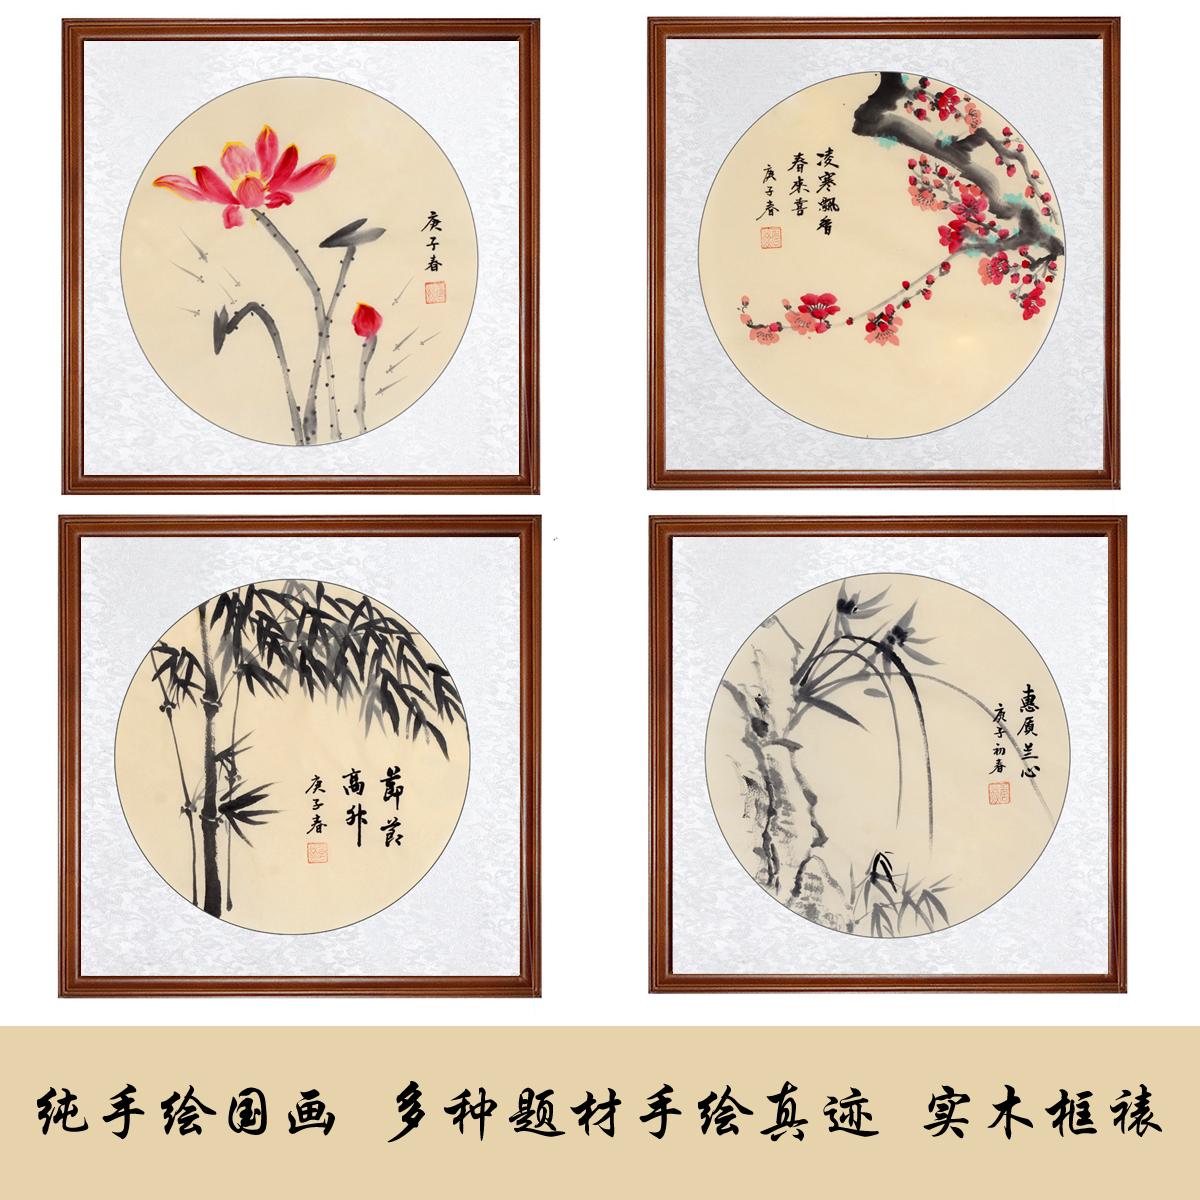 现代中式名家手绘书法国画花鸟画客厅餐厅石榴画装饰画字画卧室挂